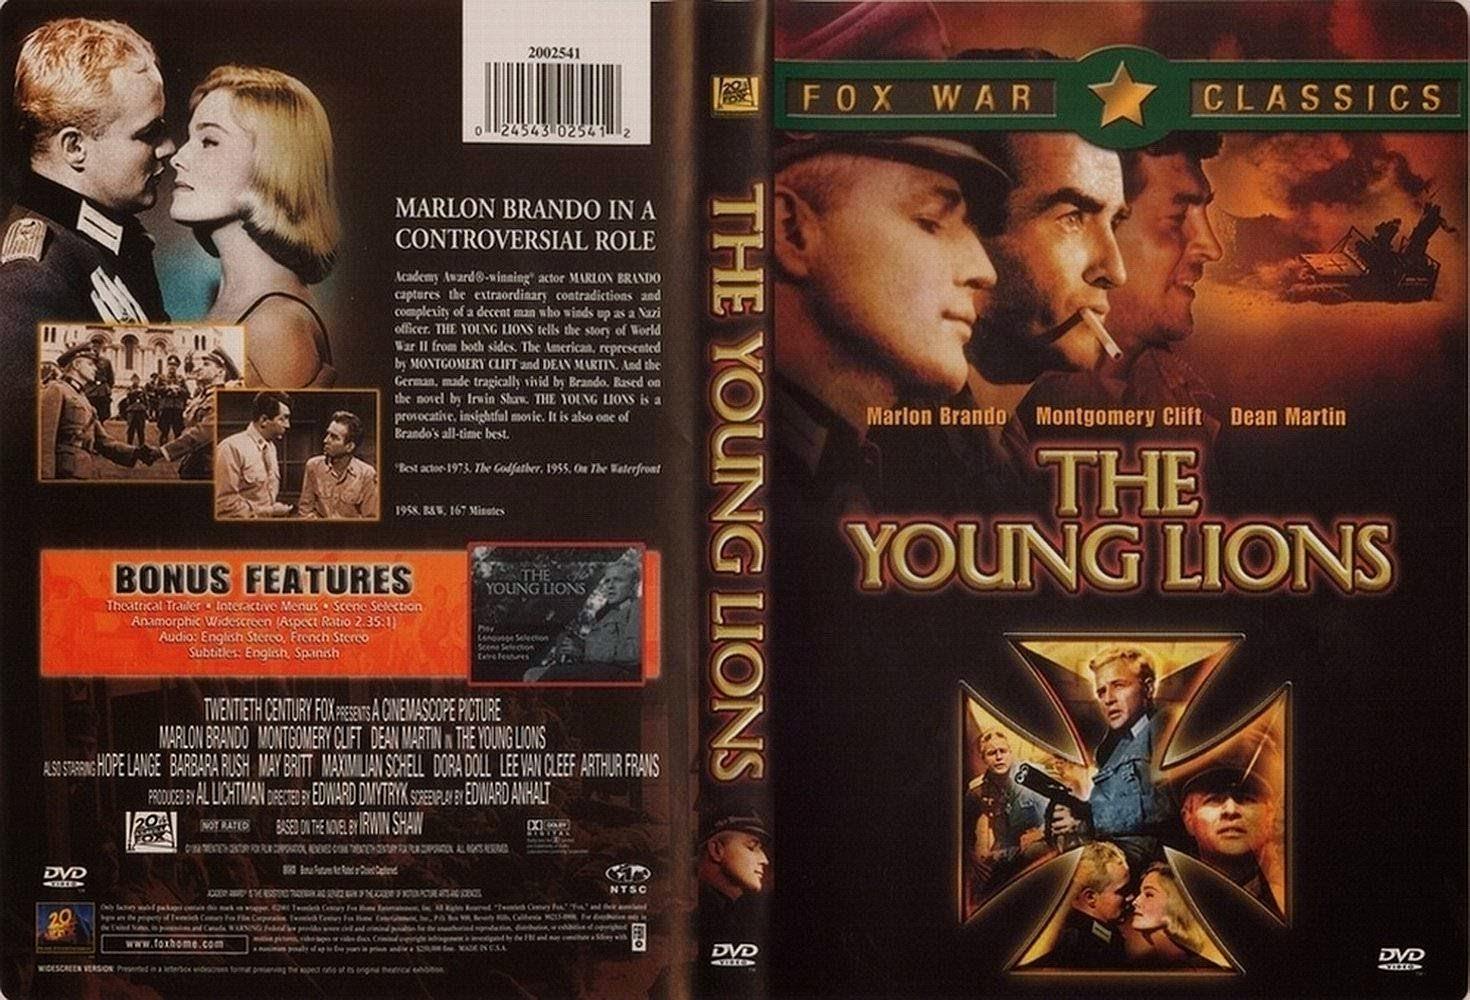 NAZI JERMAN: Dijual! DVD Film Nazi - Front Barat